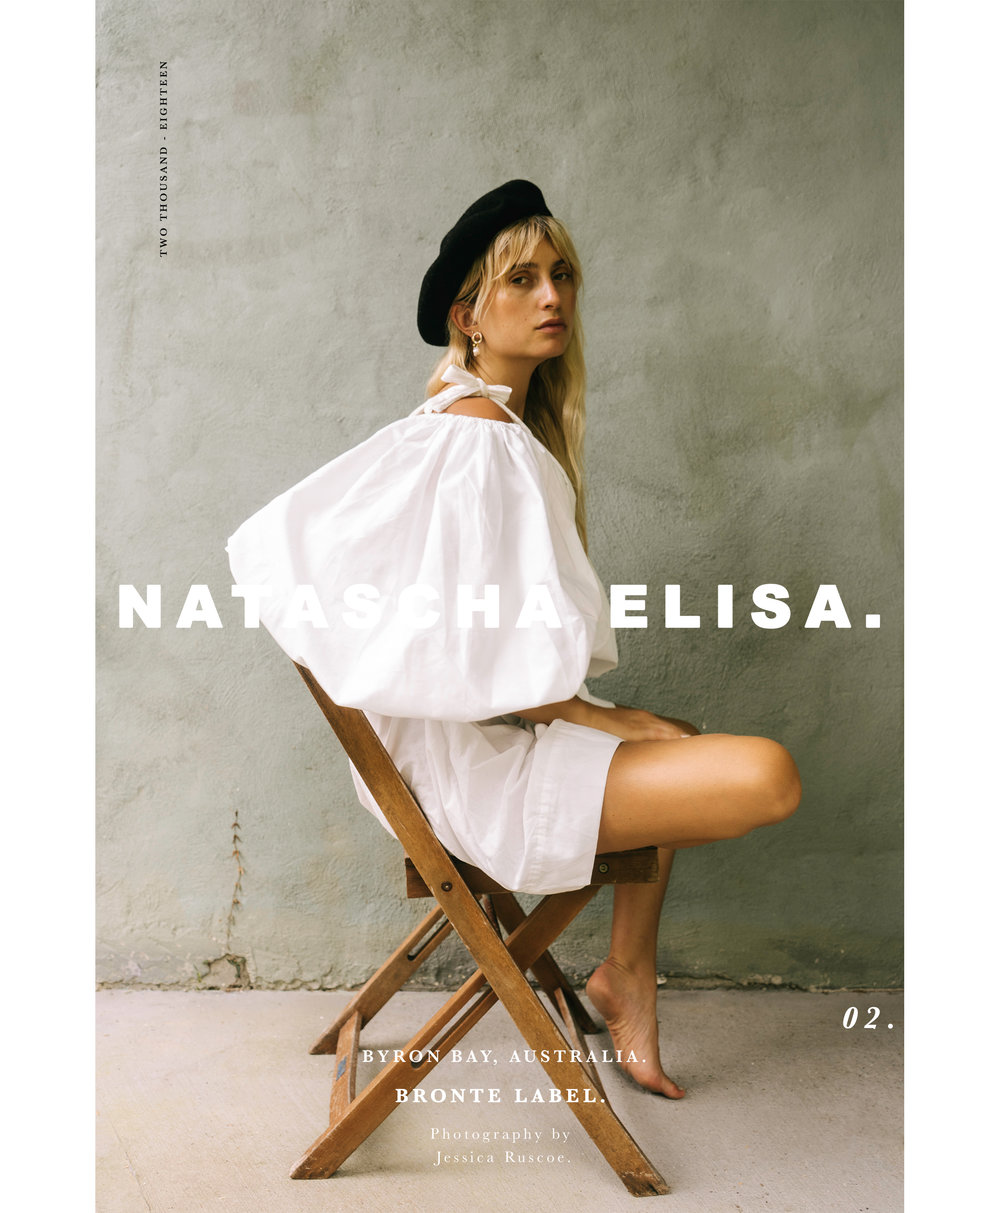 NATASCHA02.jpg